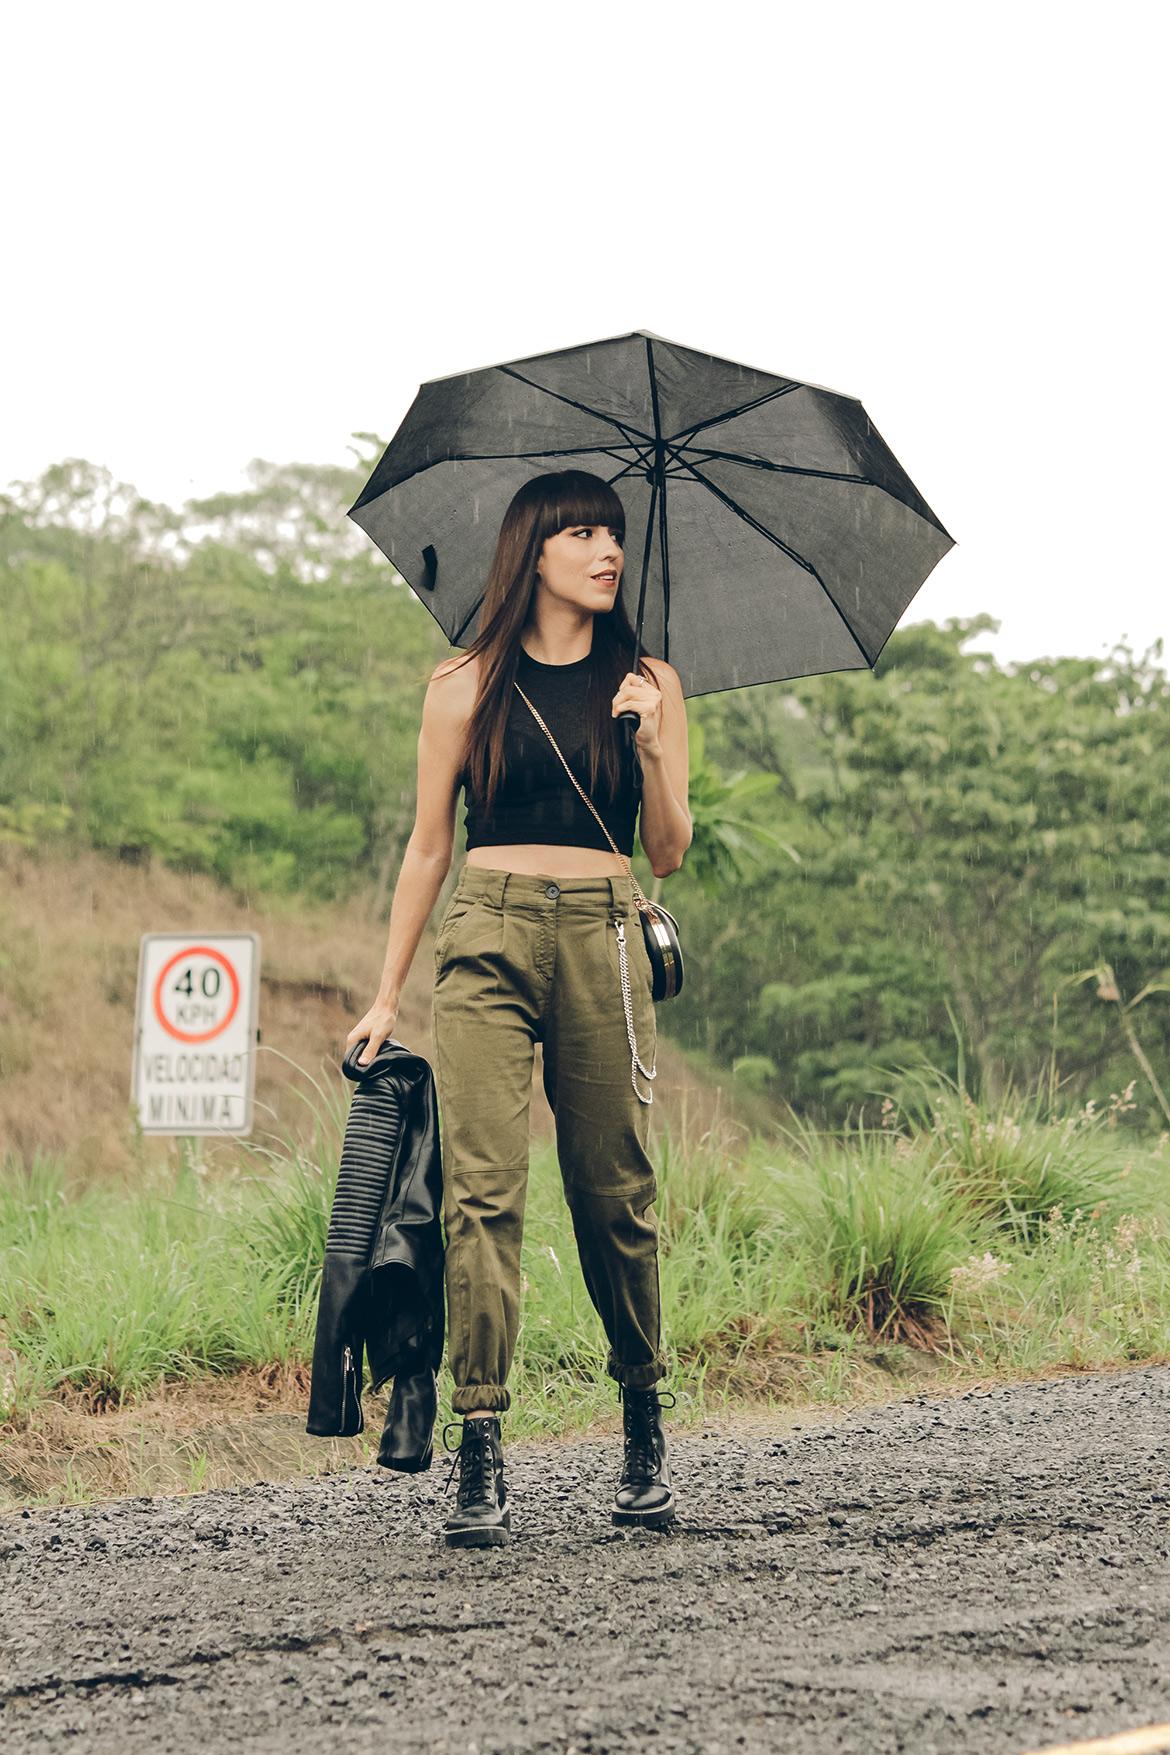 Pantalones Cargo Botas Estilo Militar Top Y Biker Jacket Blog De Moda Belleza Y Estilo De Vida